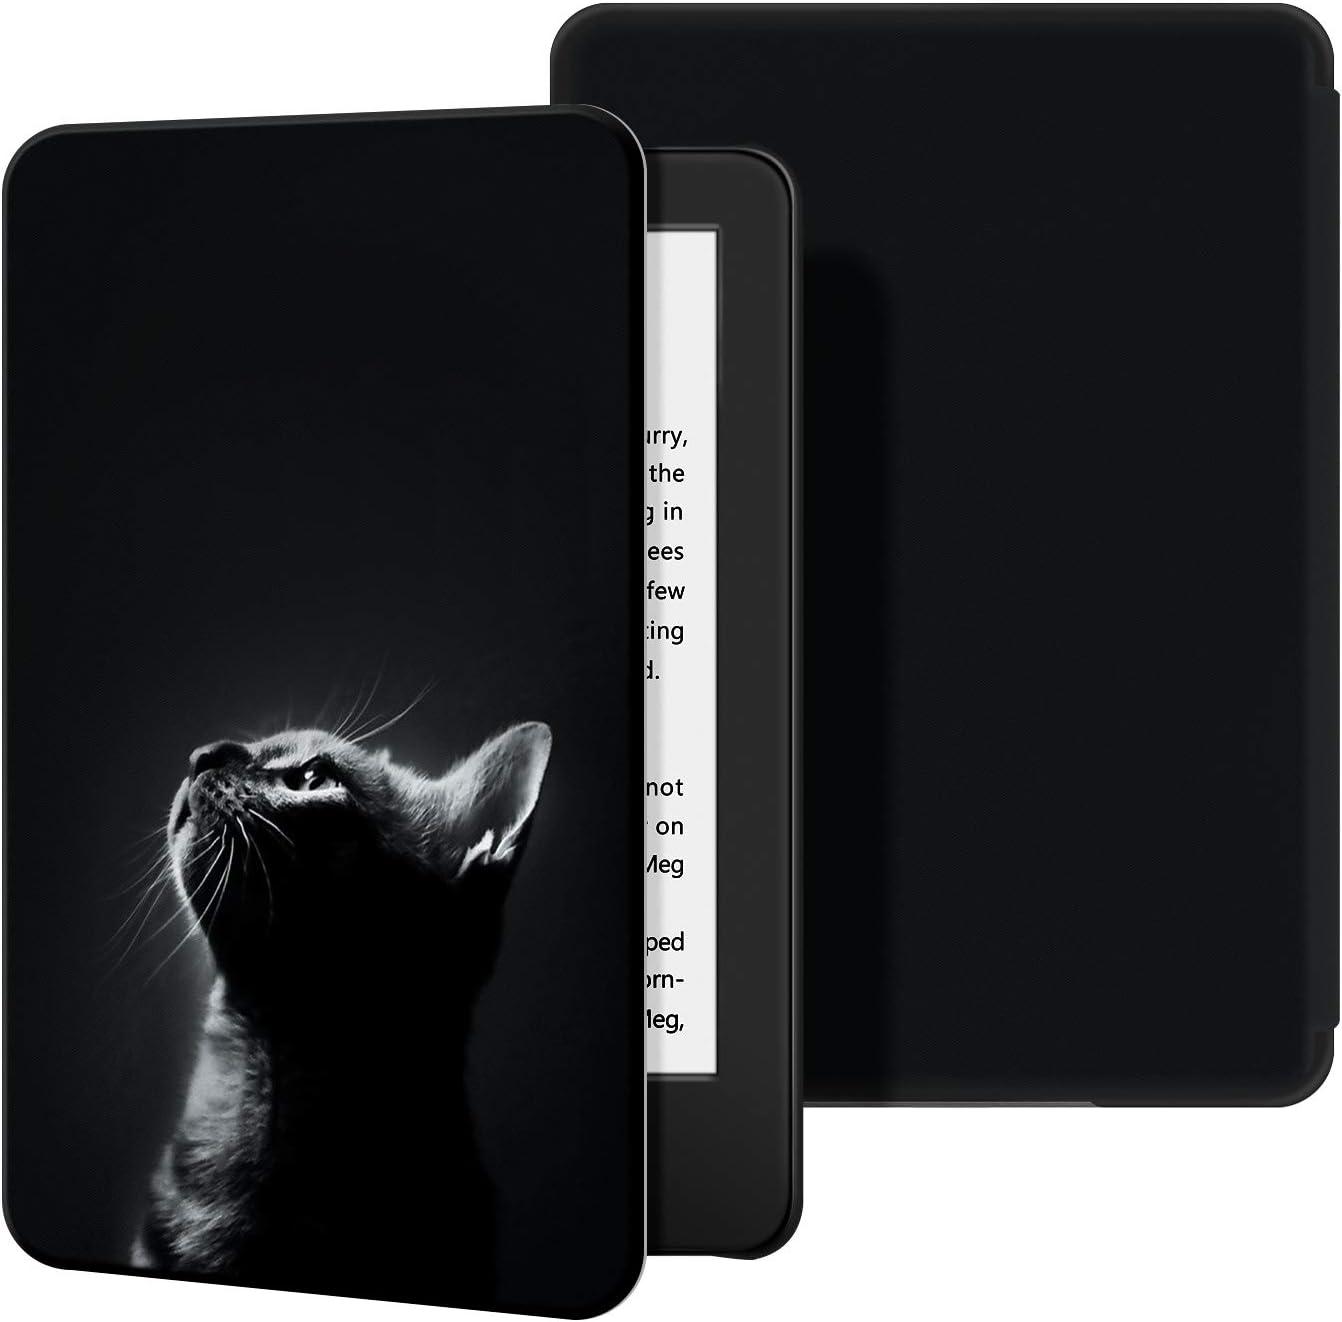 10/ª generaci/ón, versi/ón 2019 - Funda de Cuero de PU Compatible con el Kindle 2019 de Estuche OLAIKE para Kindle no encajar/á con Kindle Paperwhite o Kindle Oasis ,The Natura Book